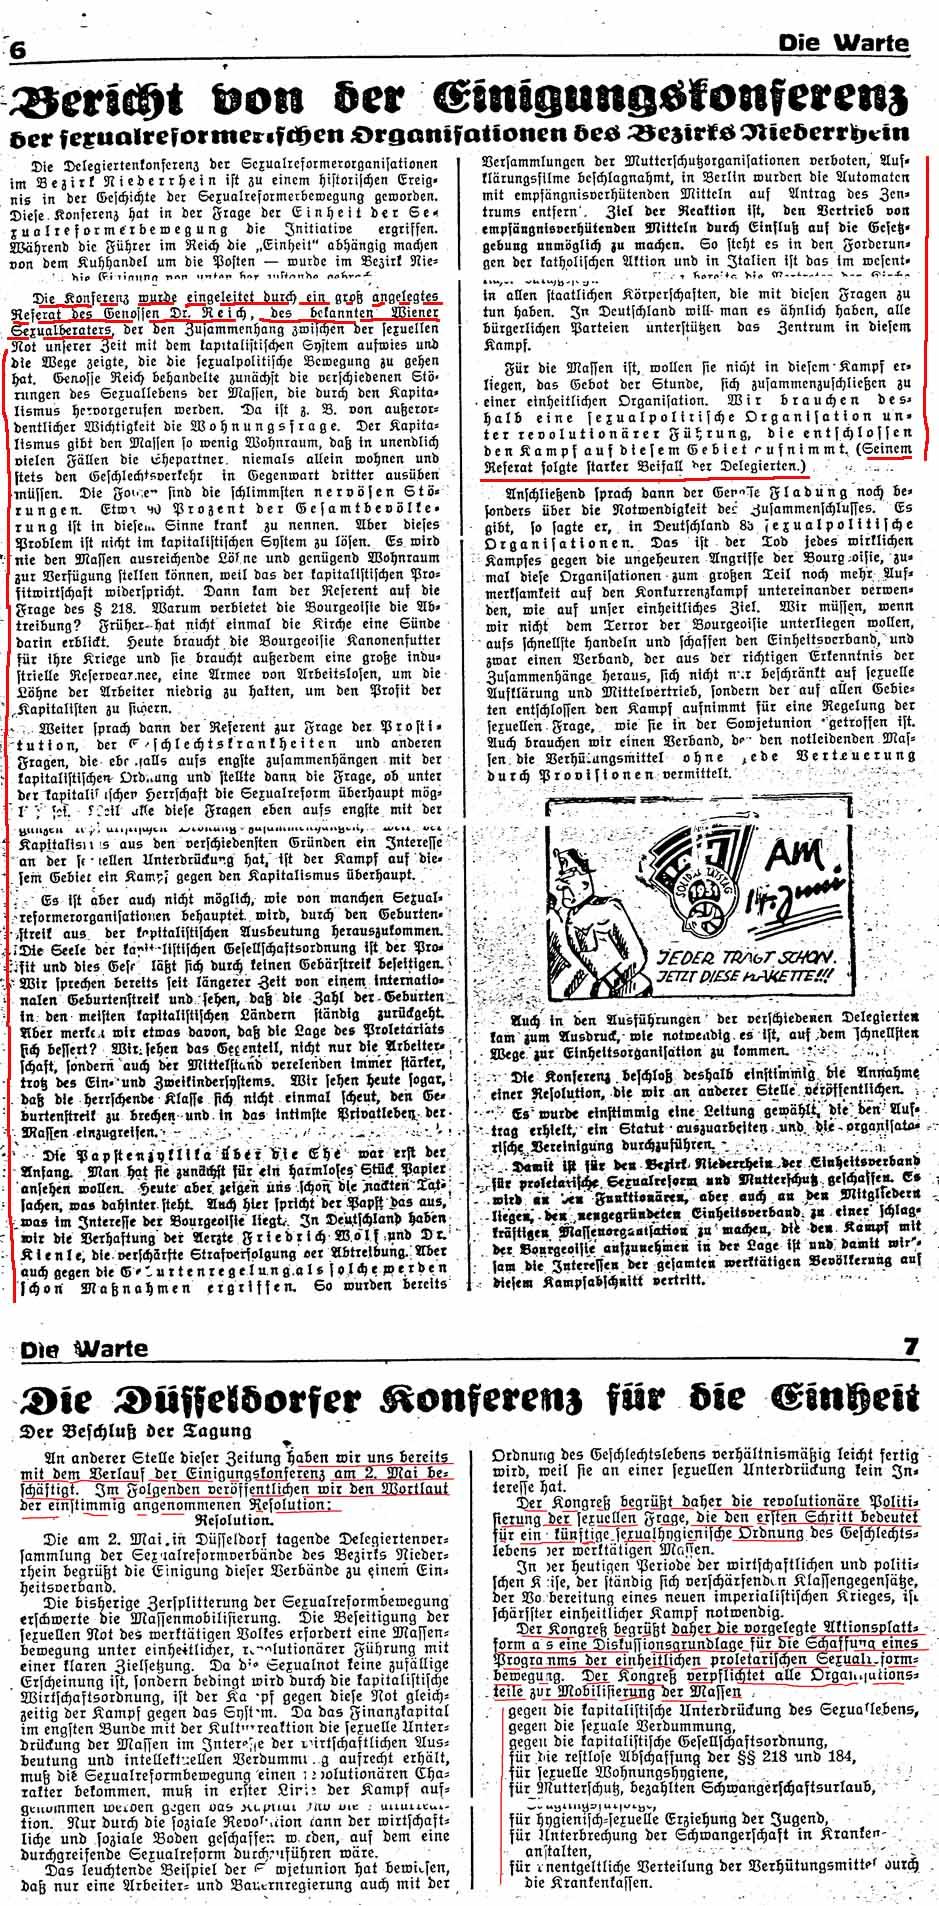 Die Warte Mai/Juni 1931, S. 6 komplett, S. 7 Ausschnitt.